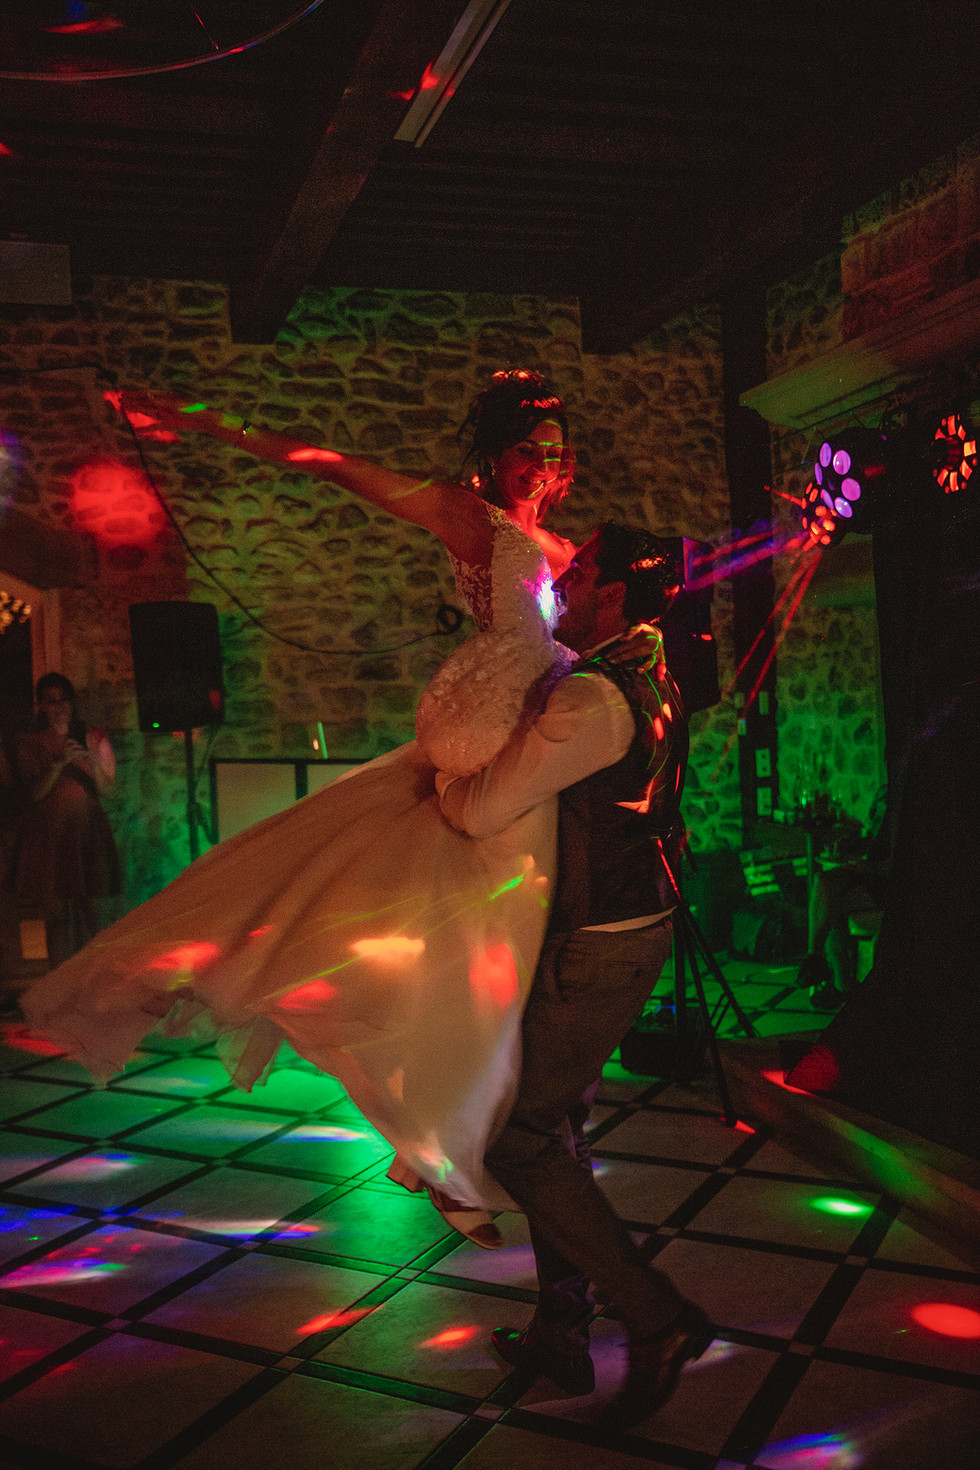 La soirée commence, les invités et les mariés vont passer une bonne soirée